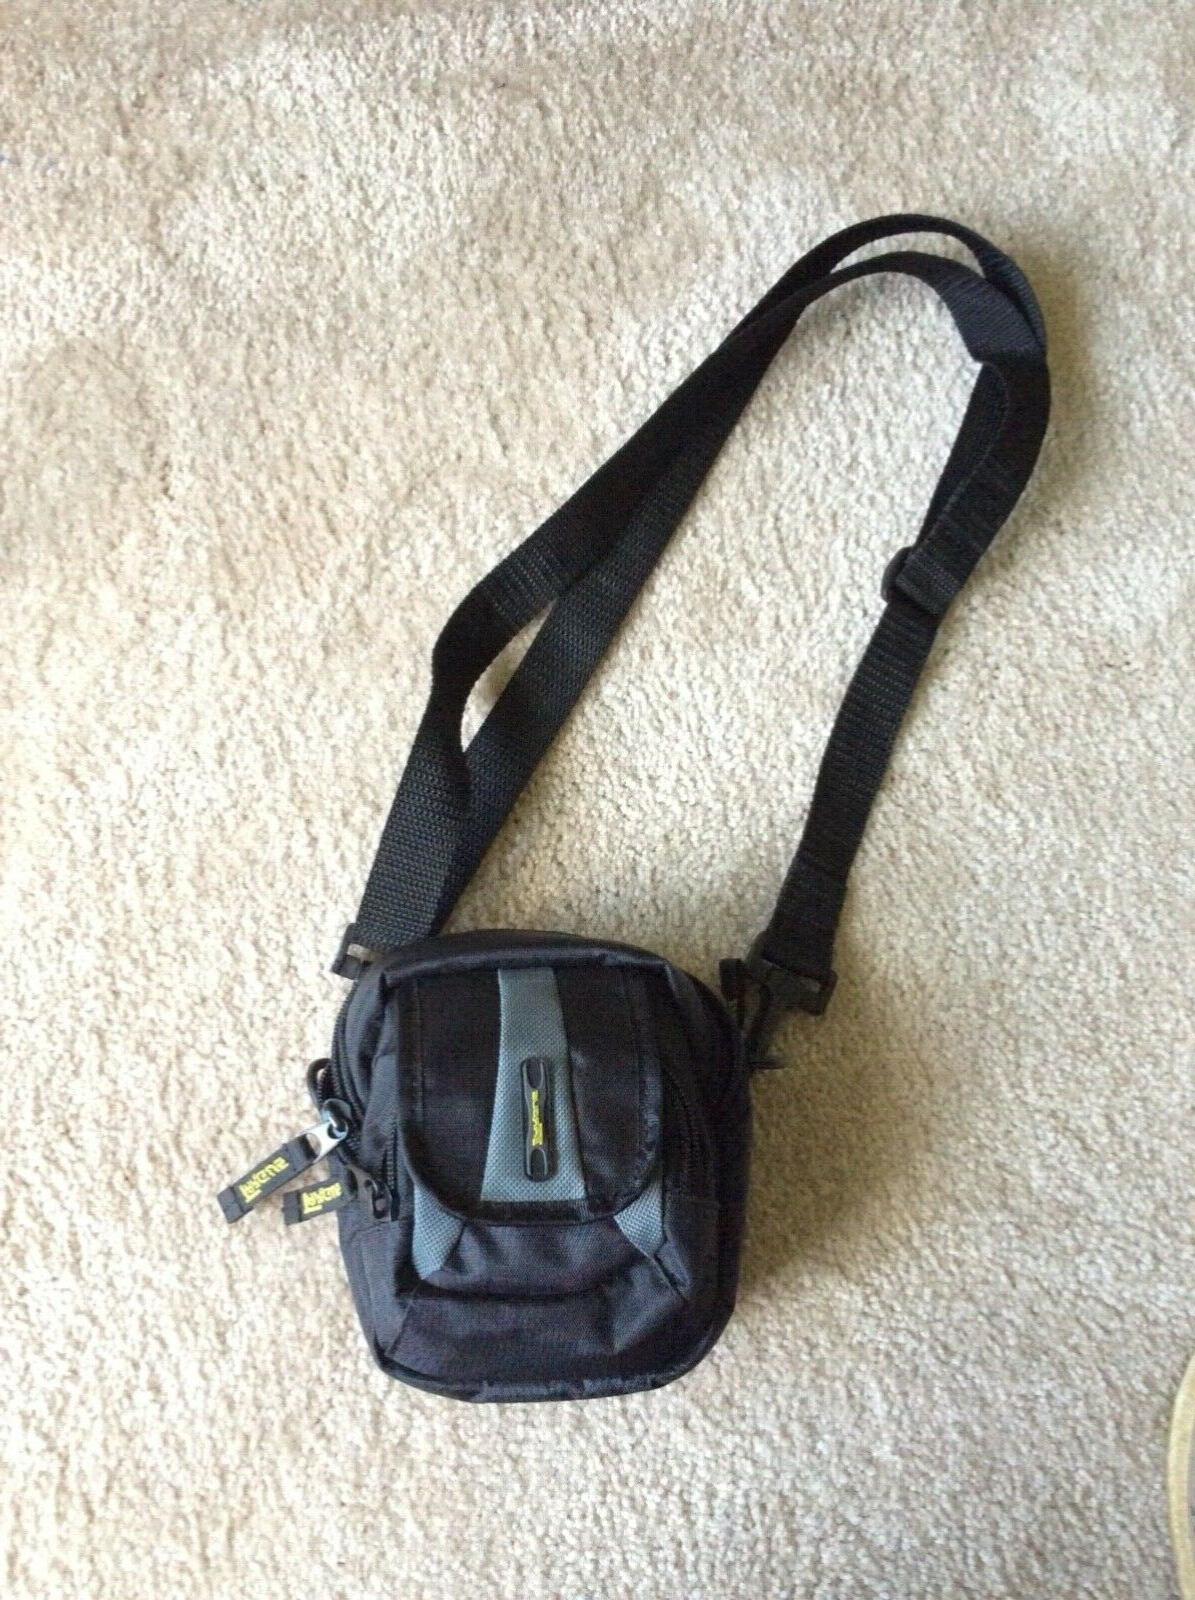 golf range finder binoculars padded storage case